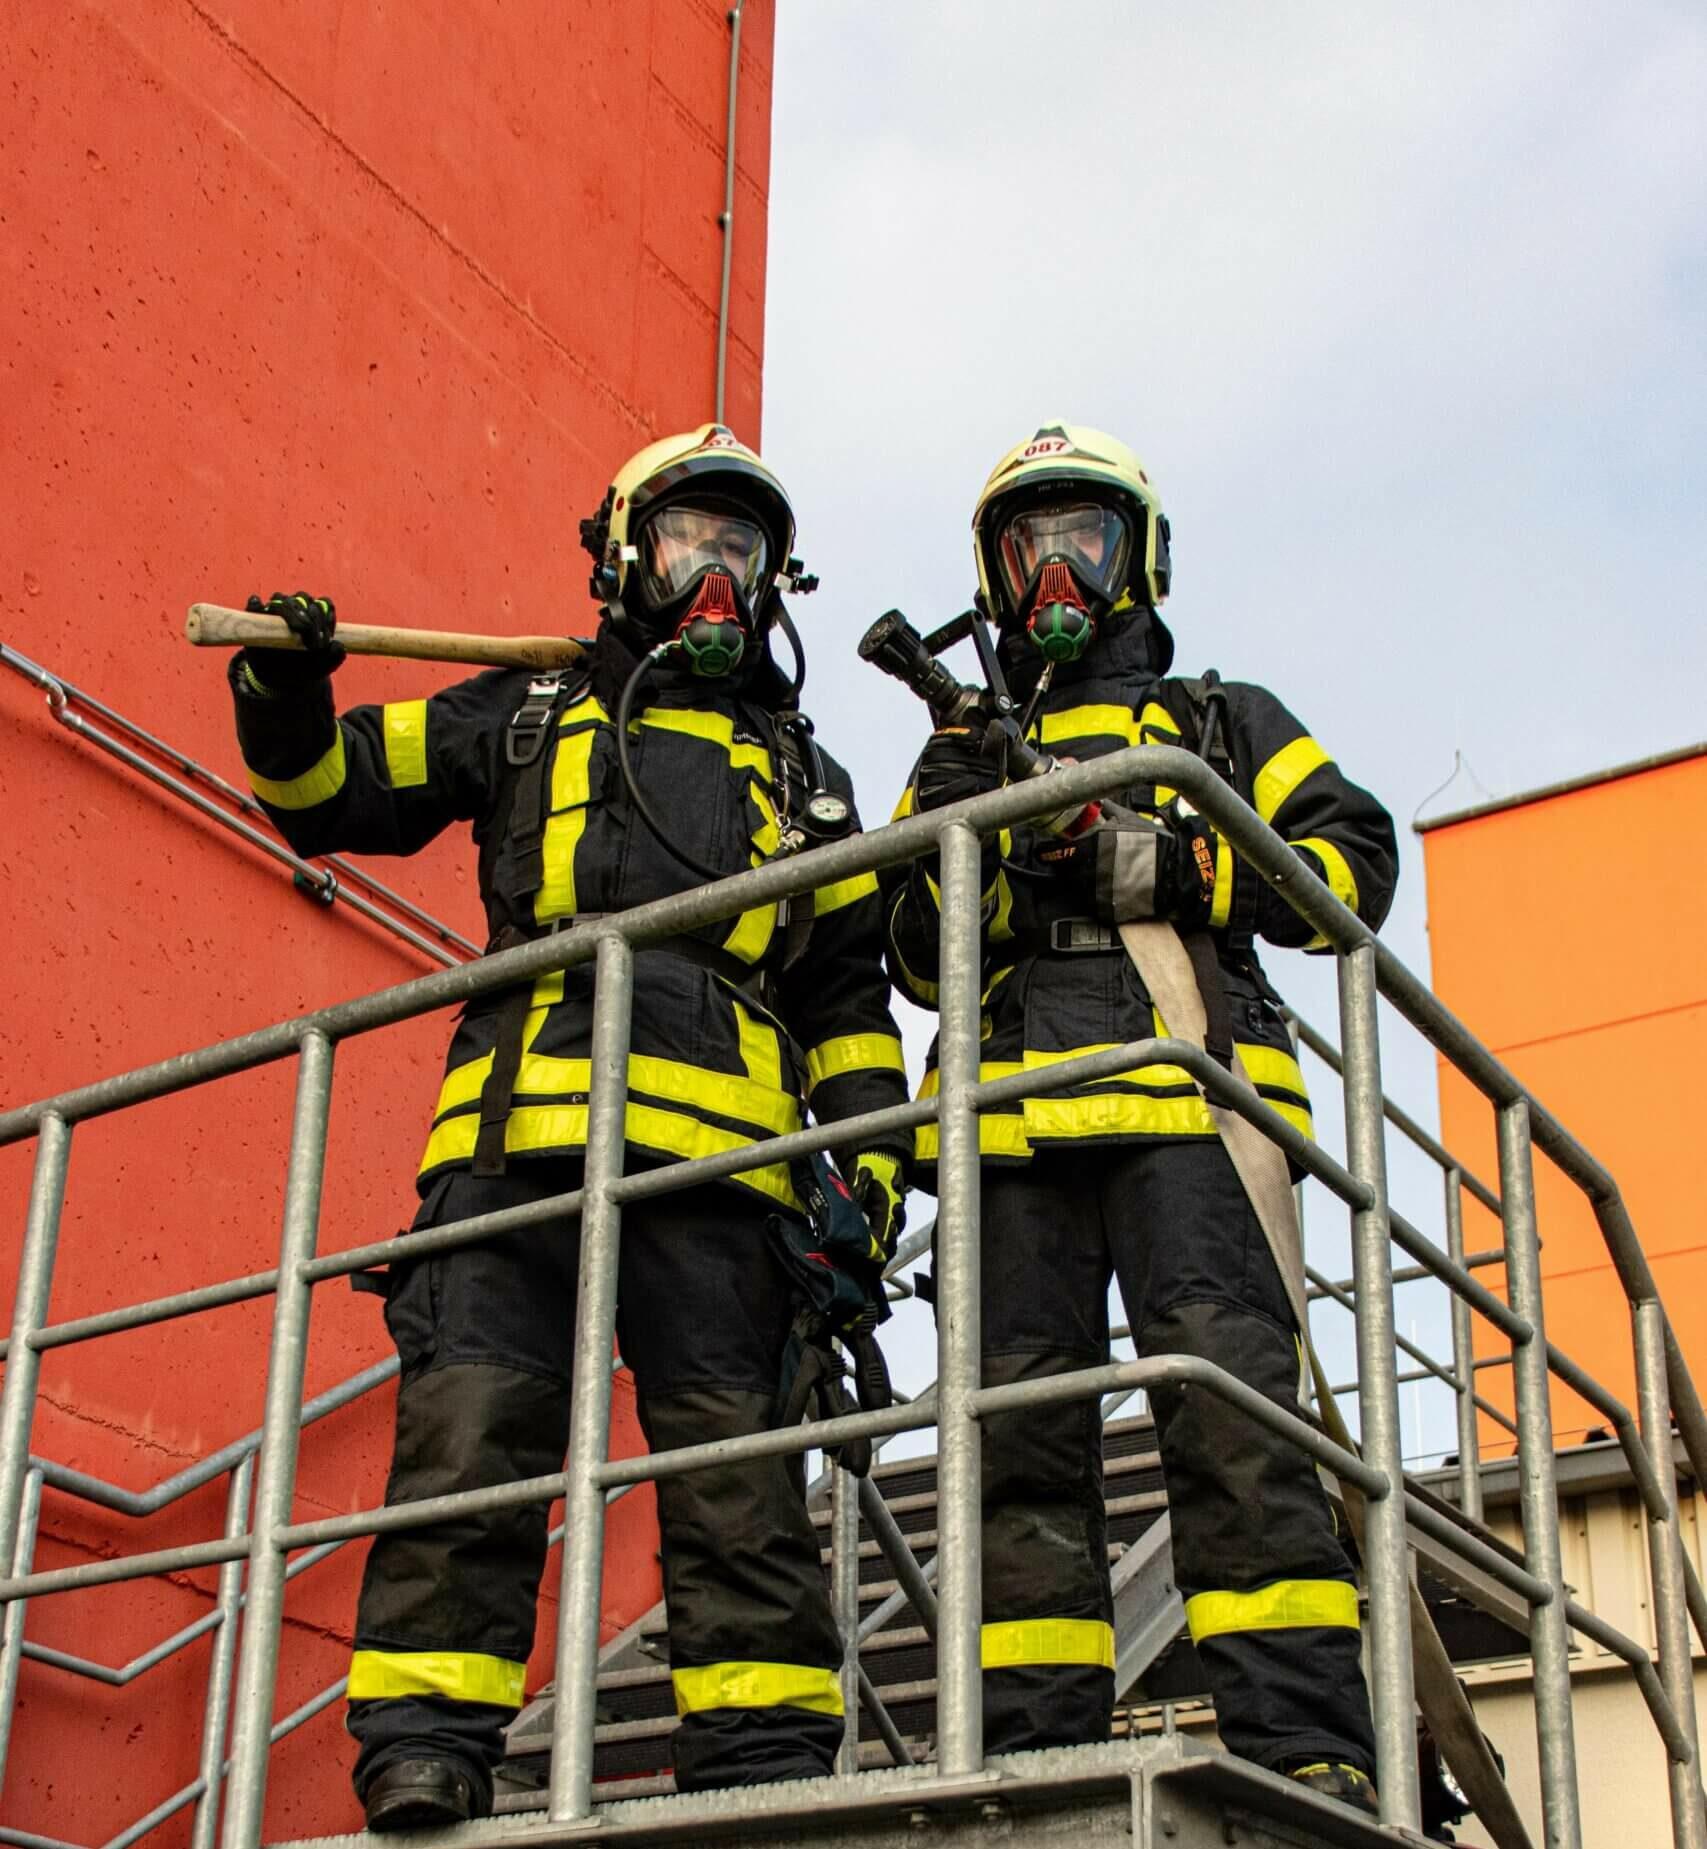 Pubic services, firemen